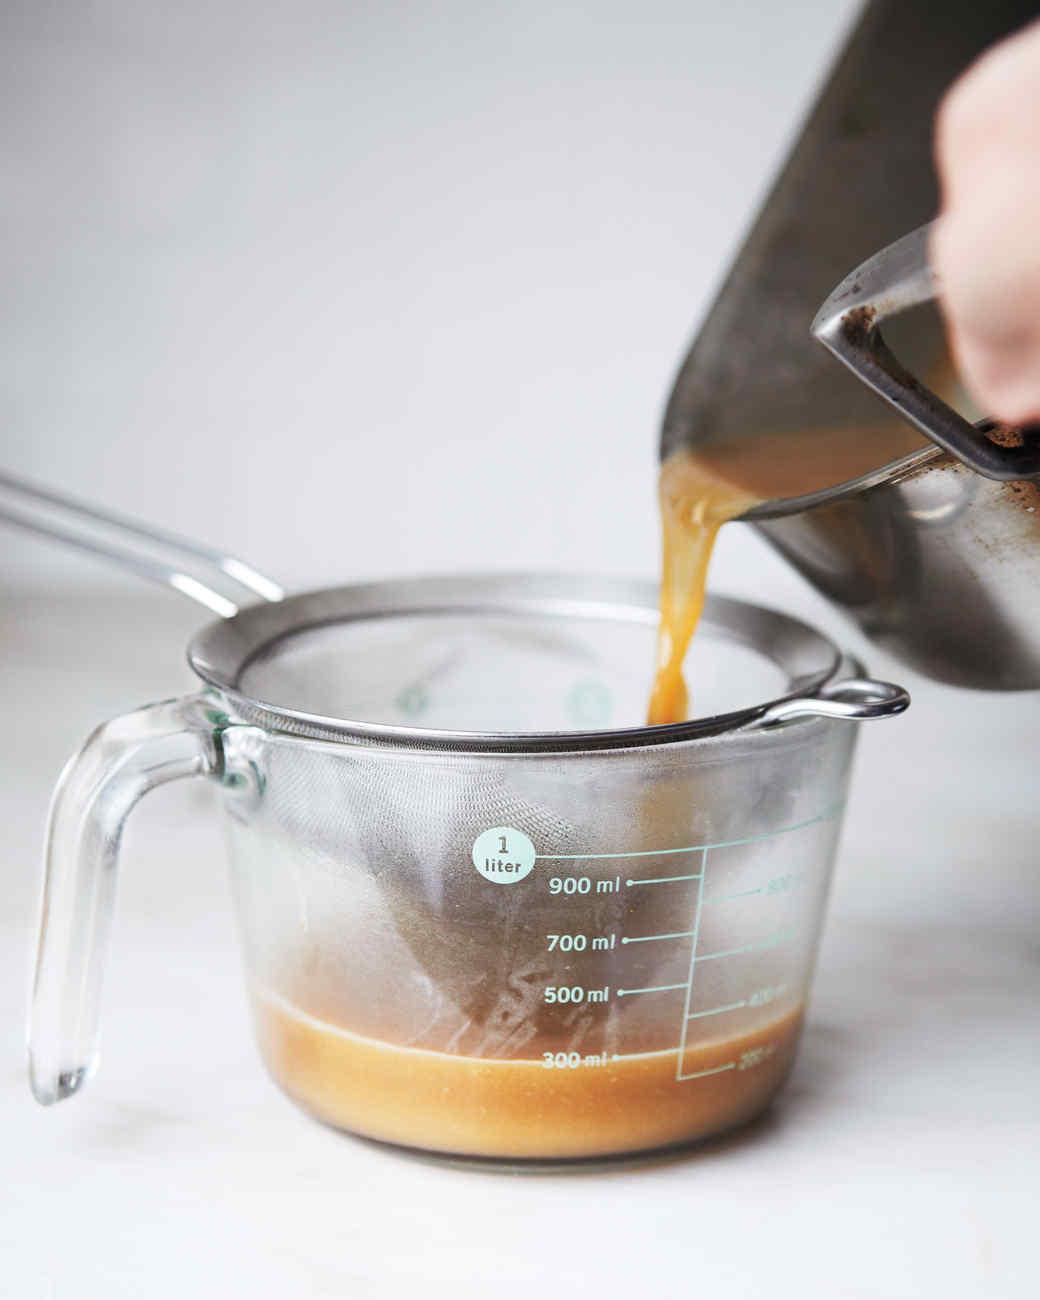 gravy-how-to-185-md110559.jpg